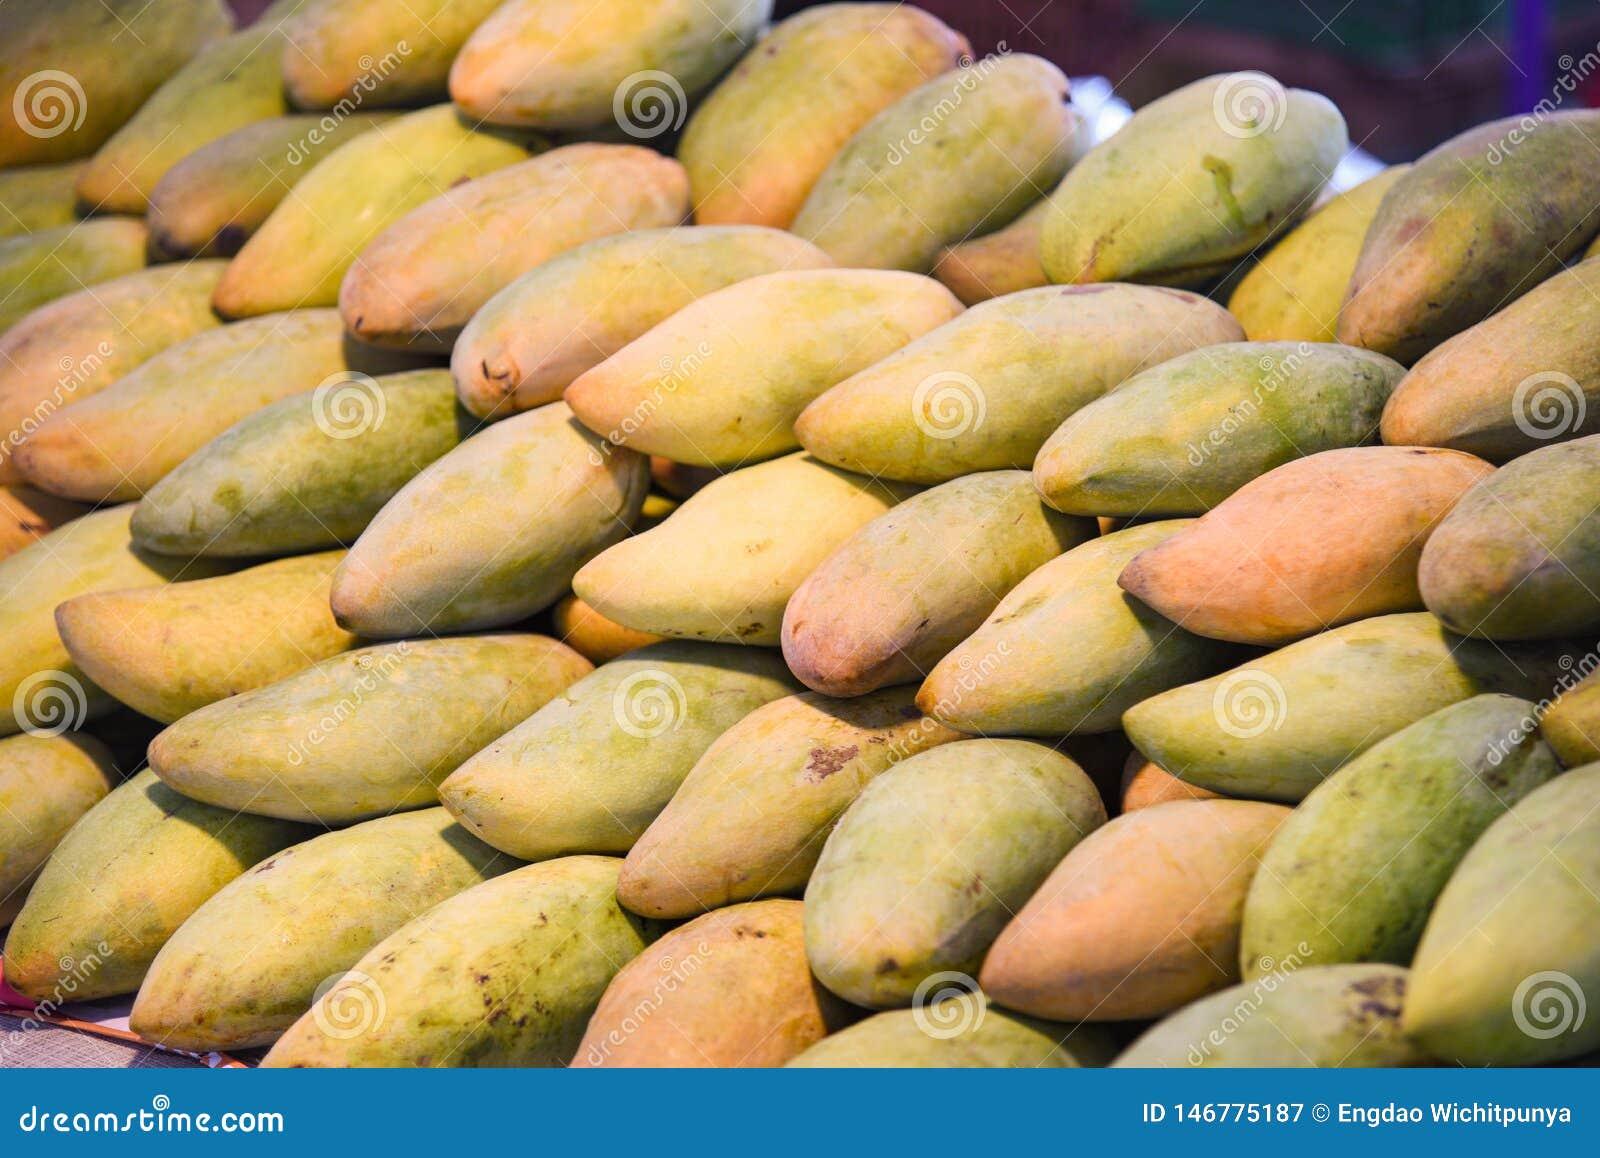 Mangomarknad - jordbruk för jordbruksprodukter för ny mango för skörd ny organiskt i den till salu sommaren